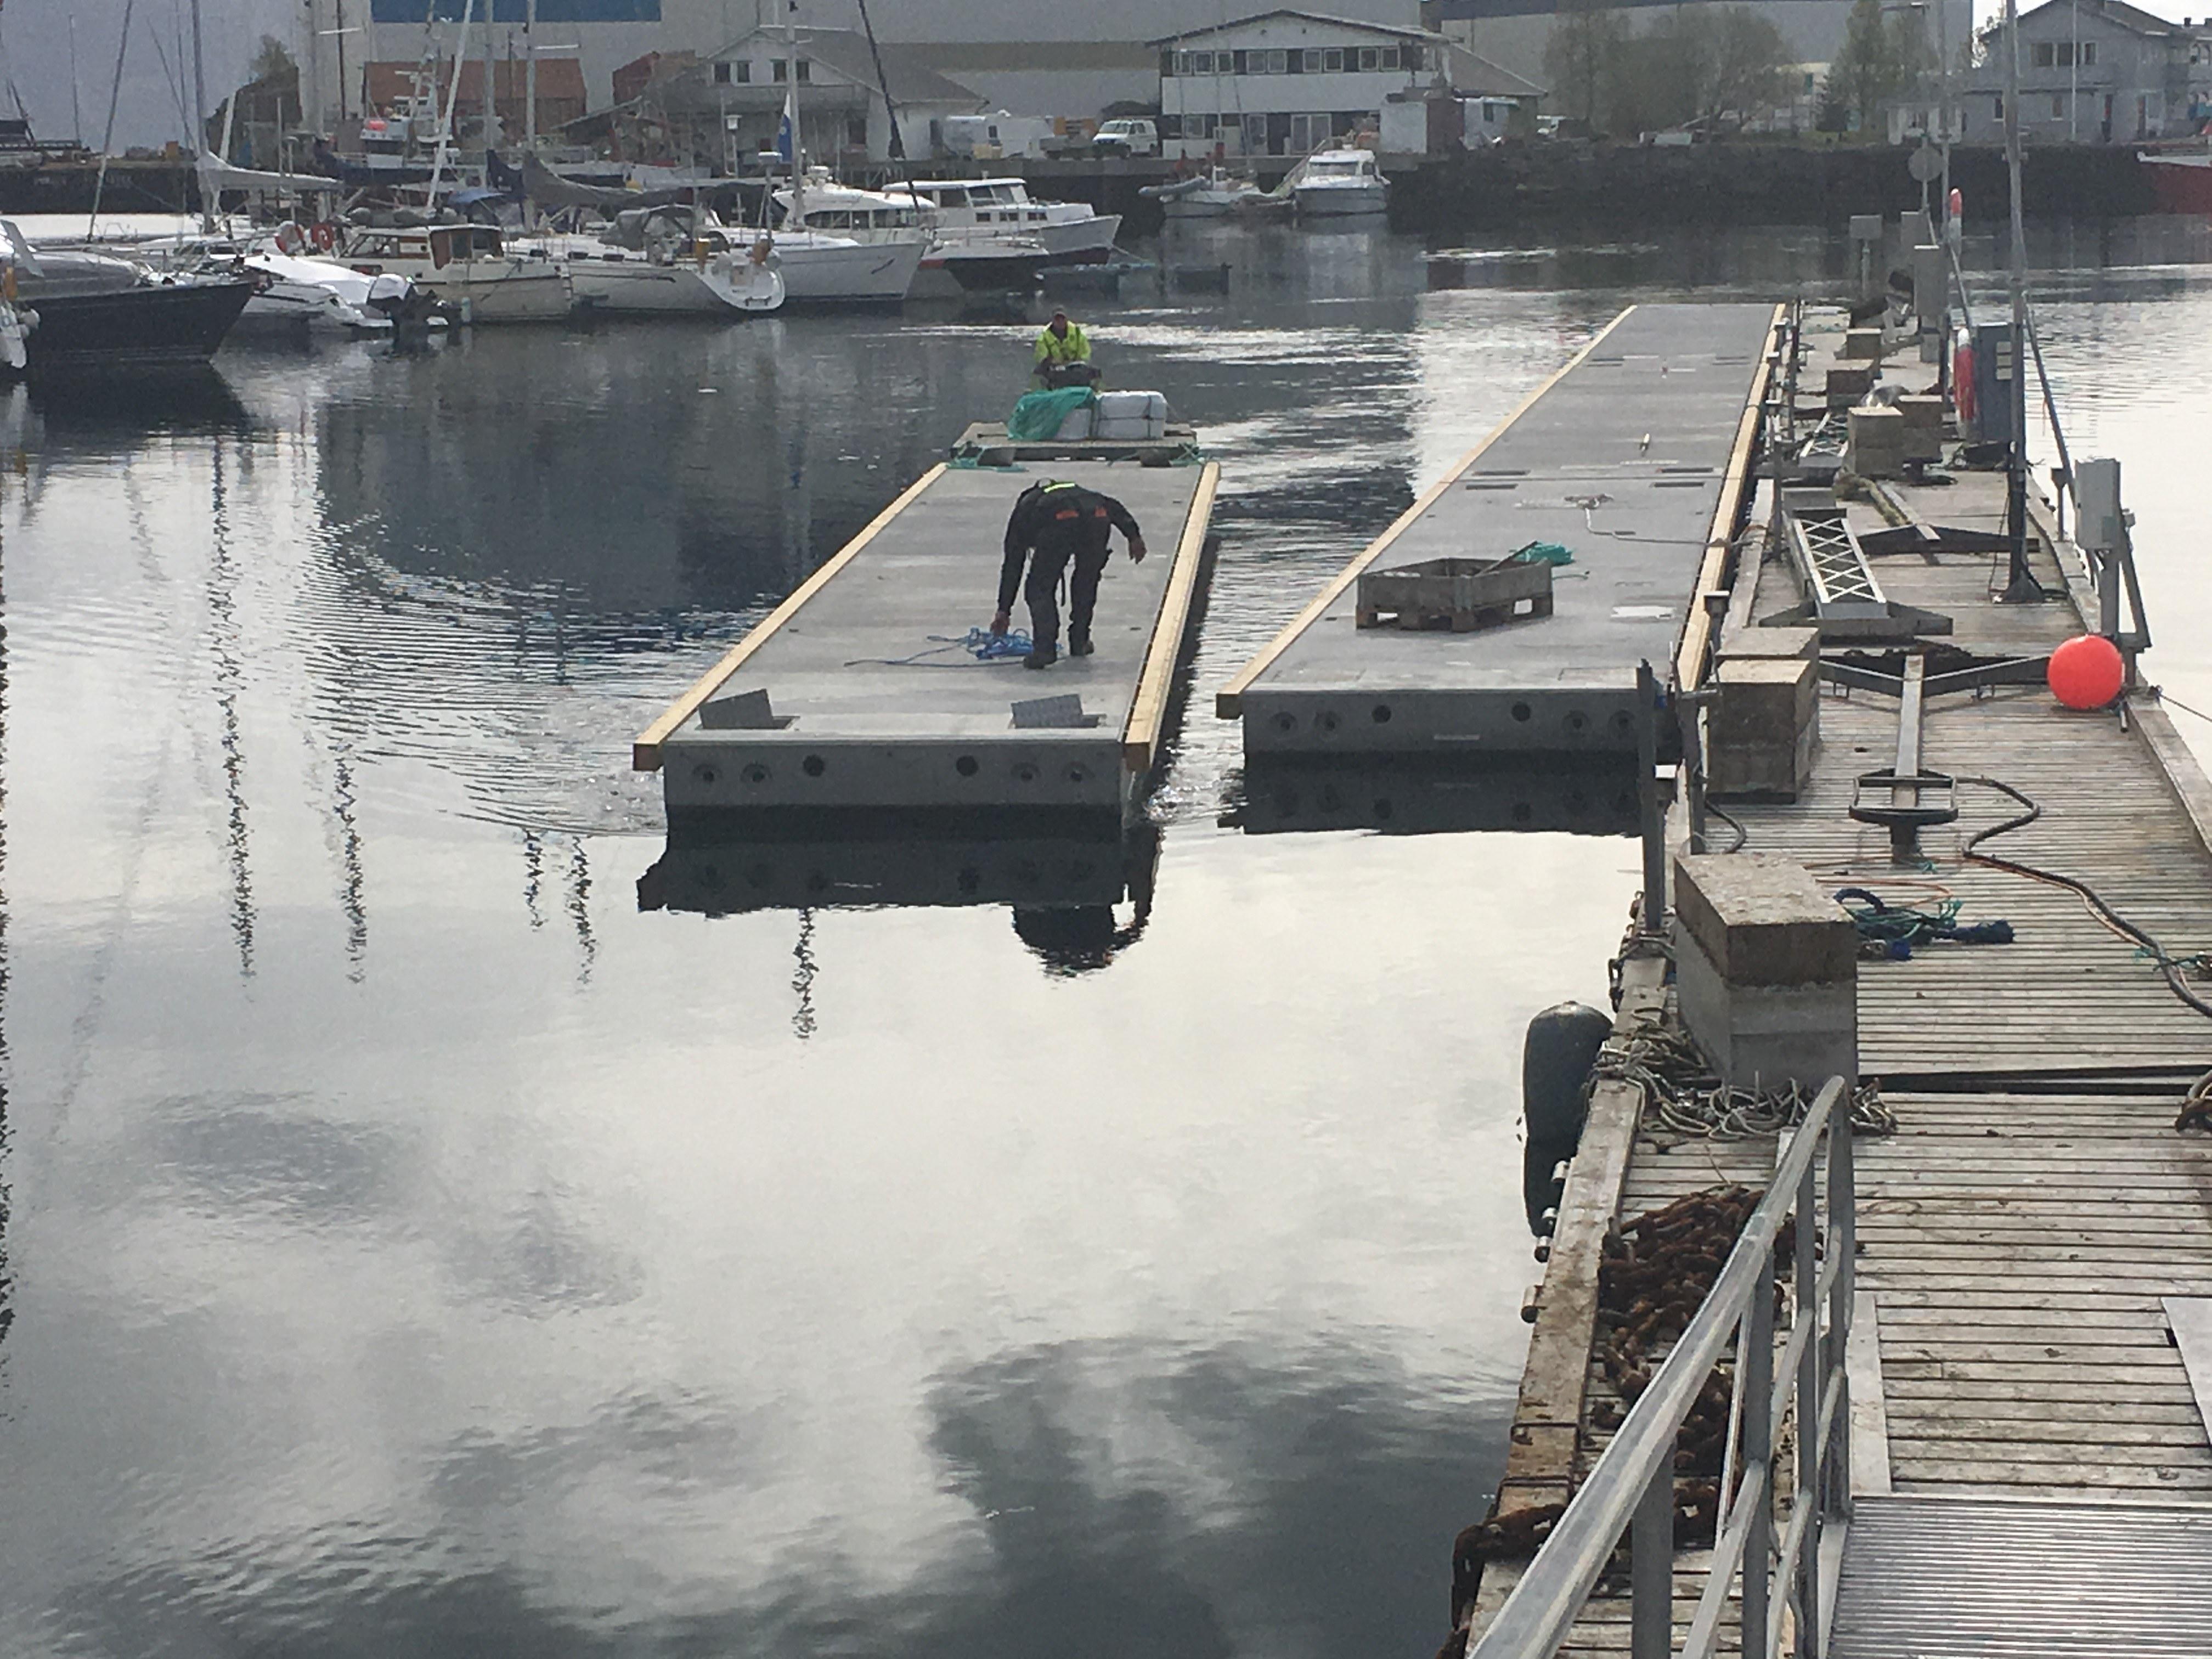 https://www.marinasolutions.no/uploads/vågan-sjø-og-fiske-2.jpg